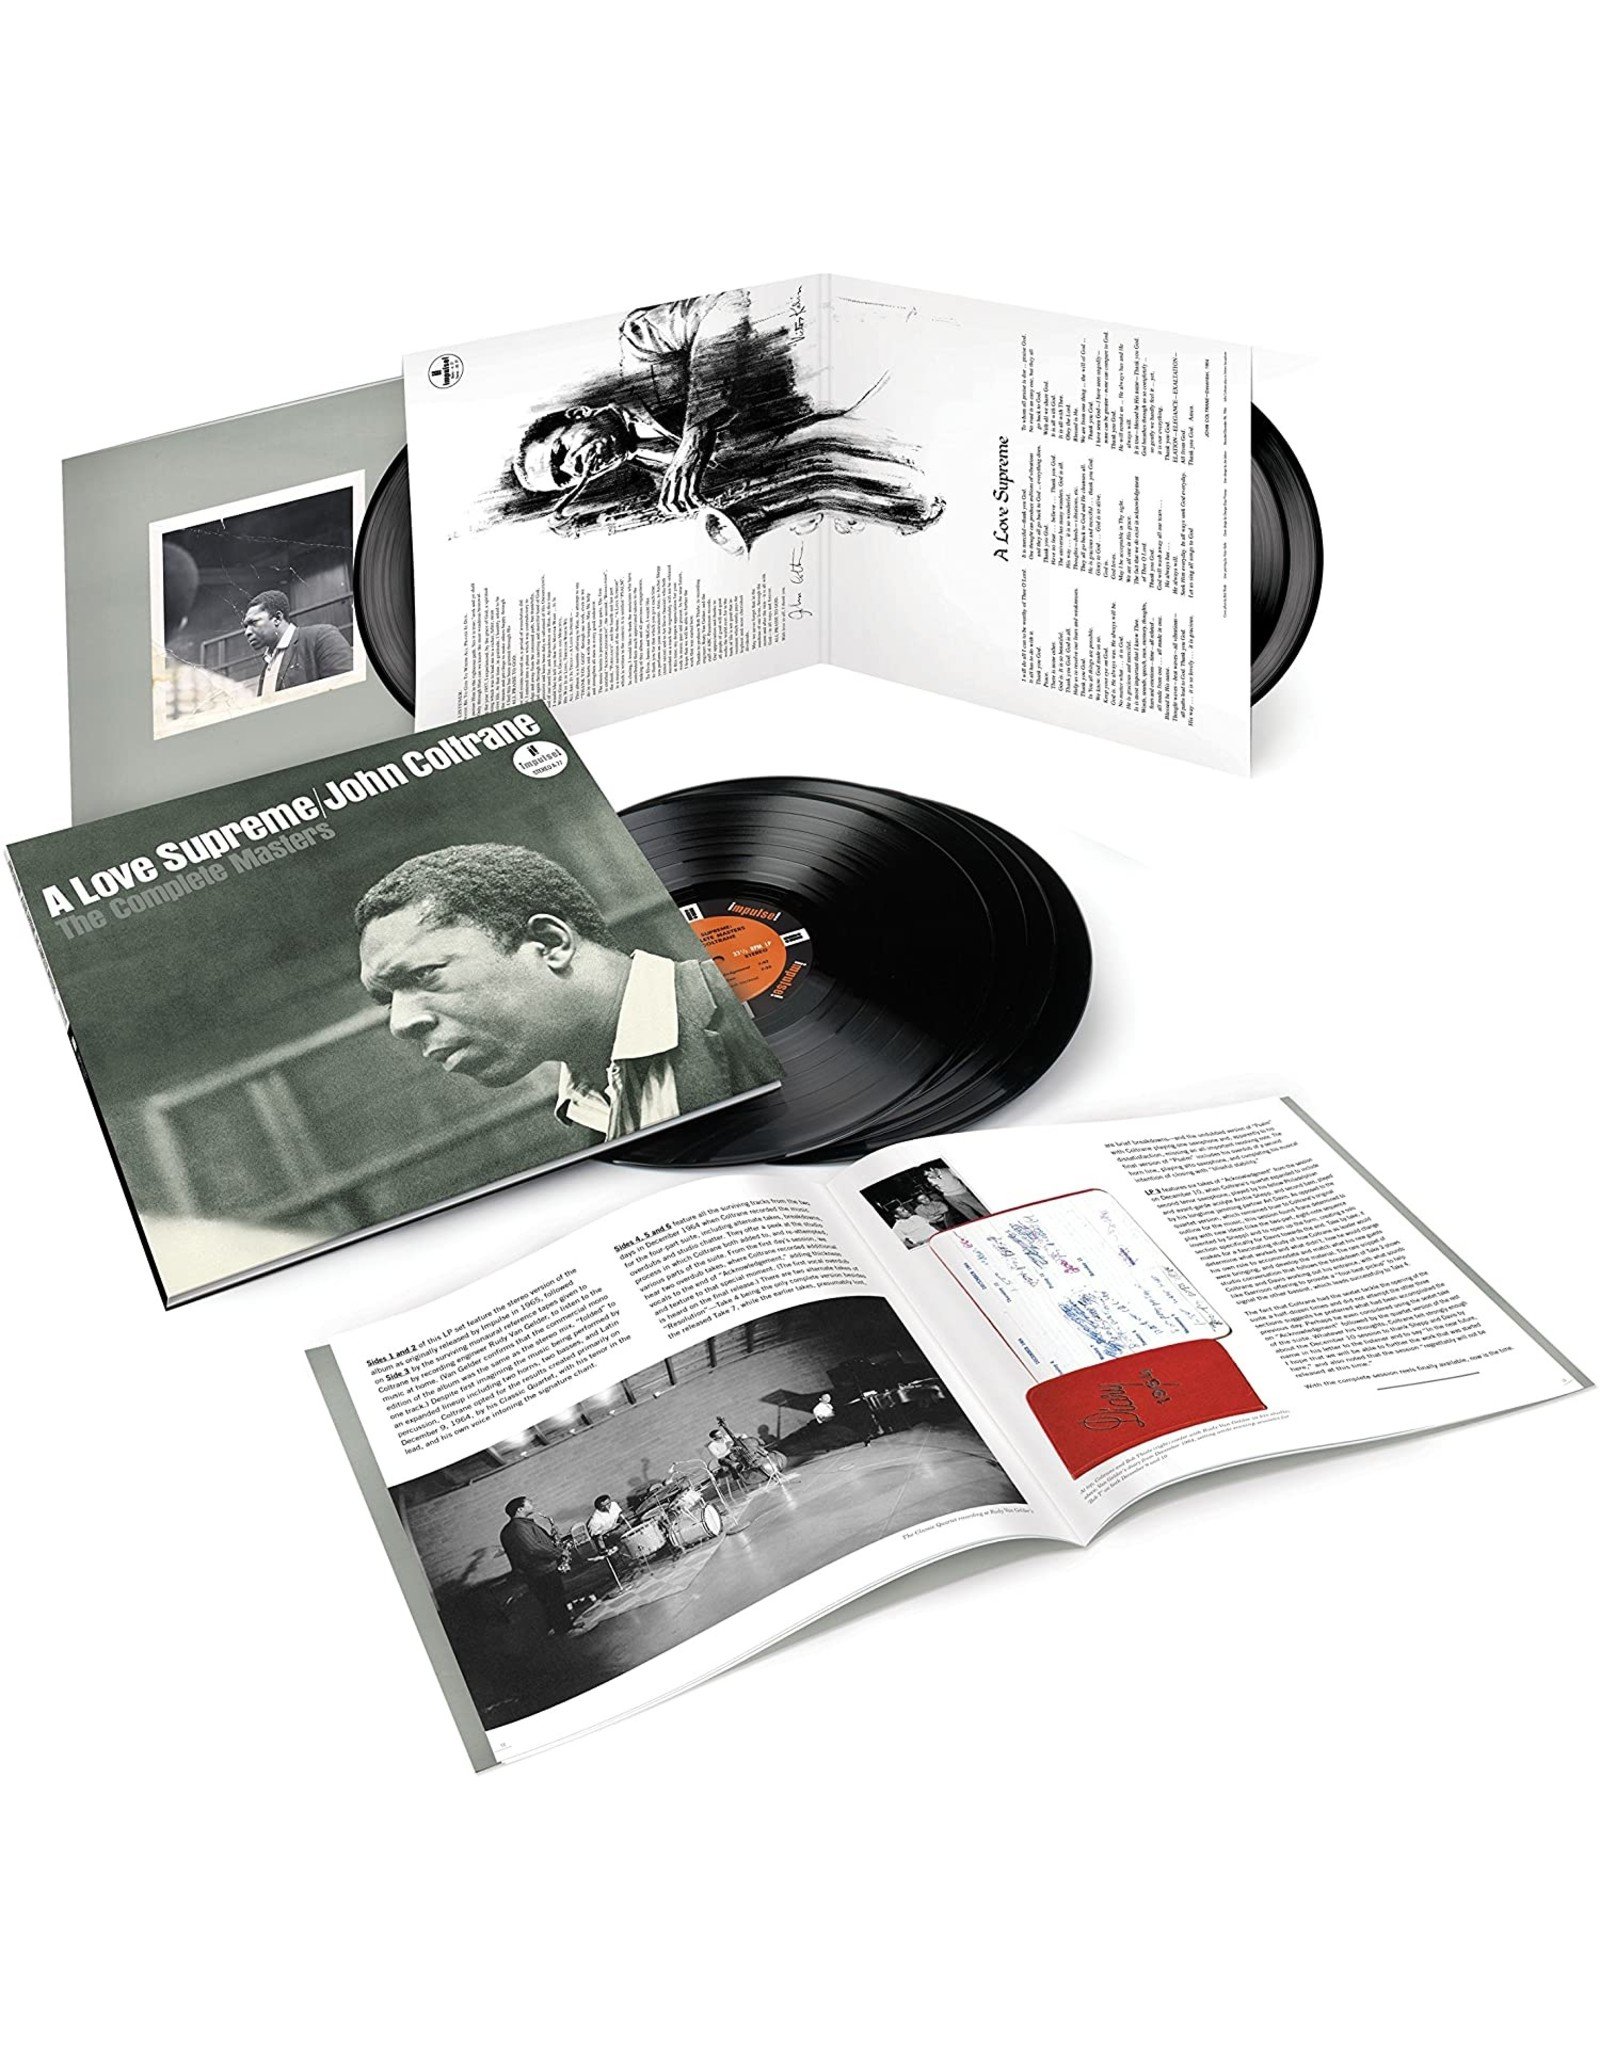 John Coltrane - A Love Supreme: The Complete Masters (3LP)